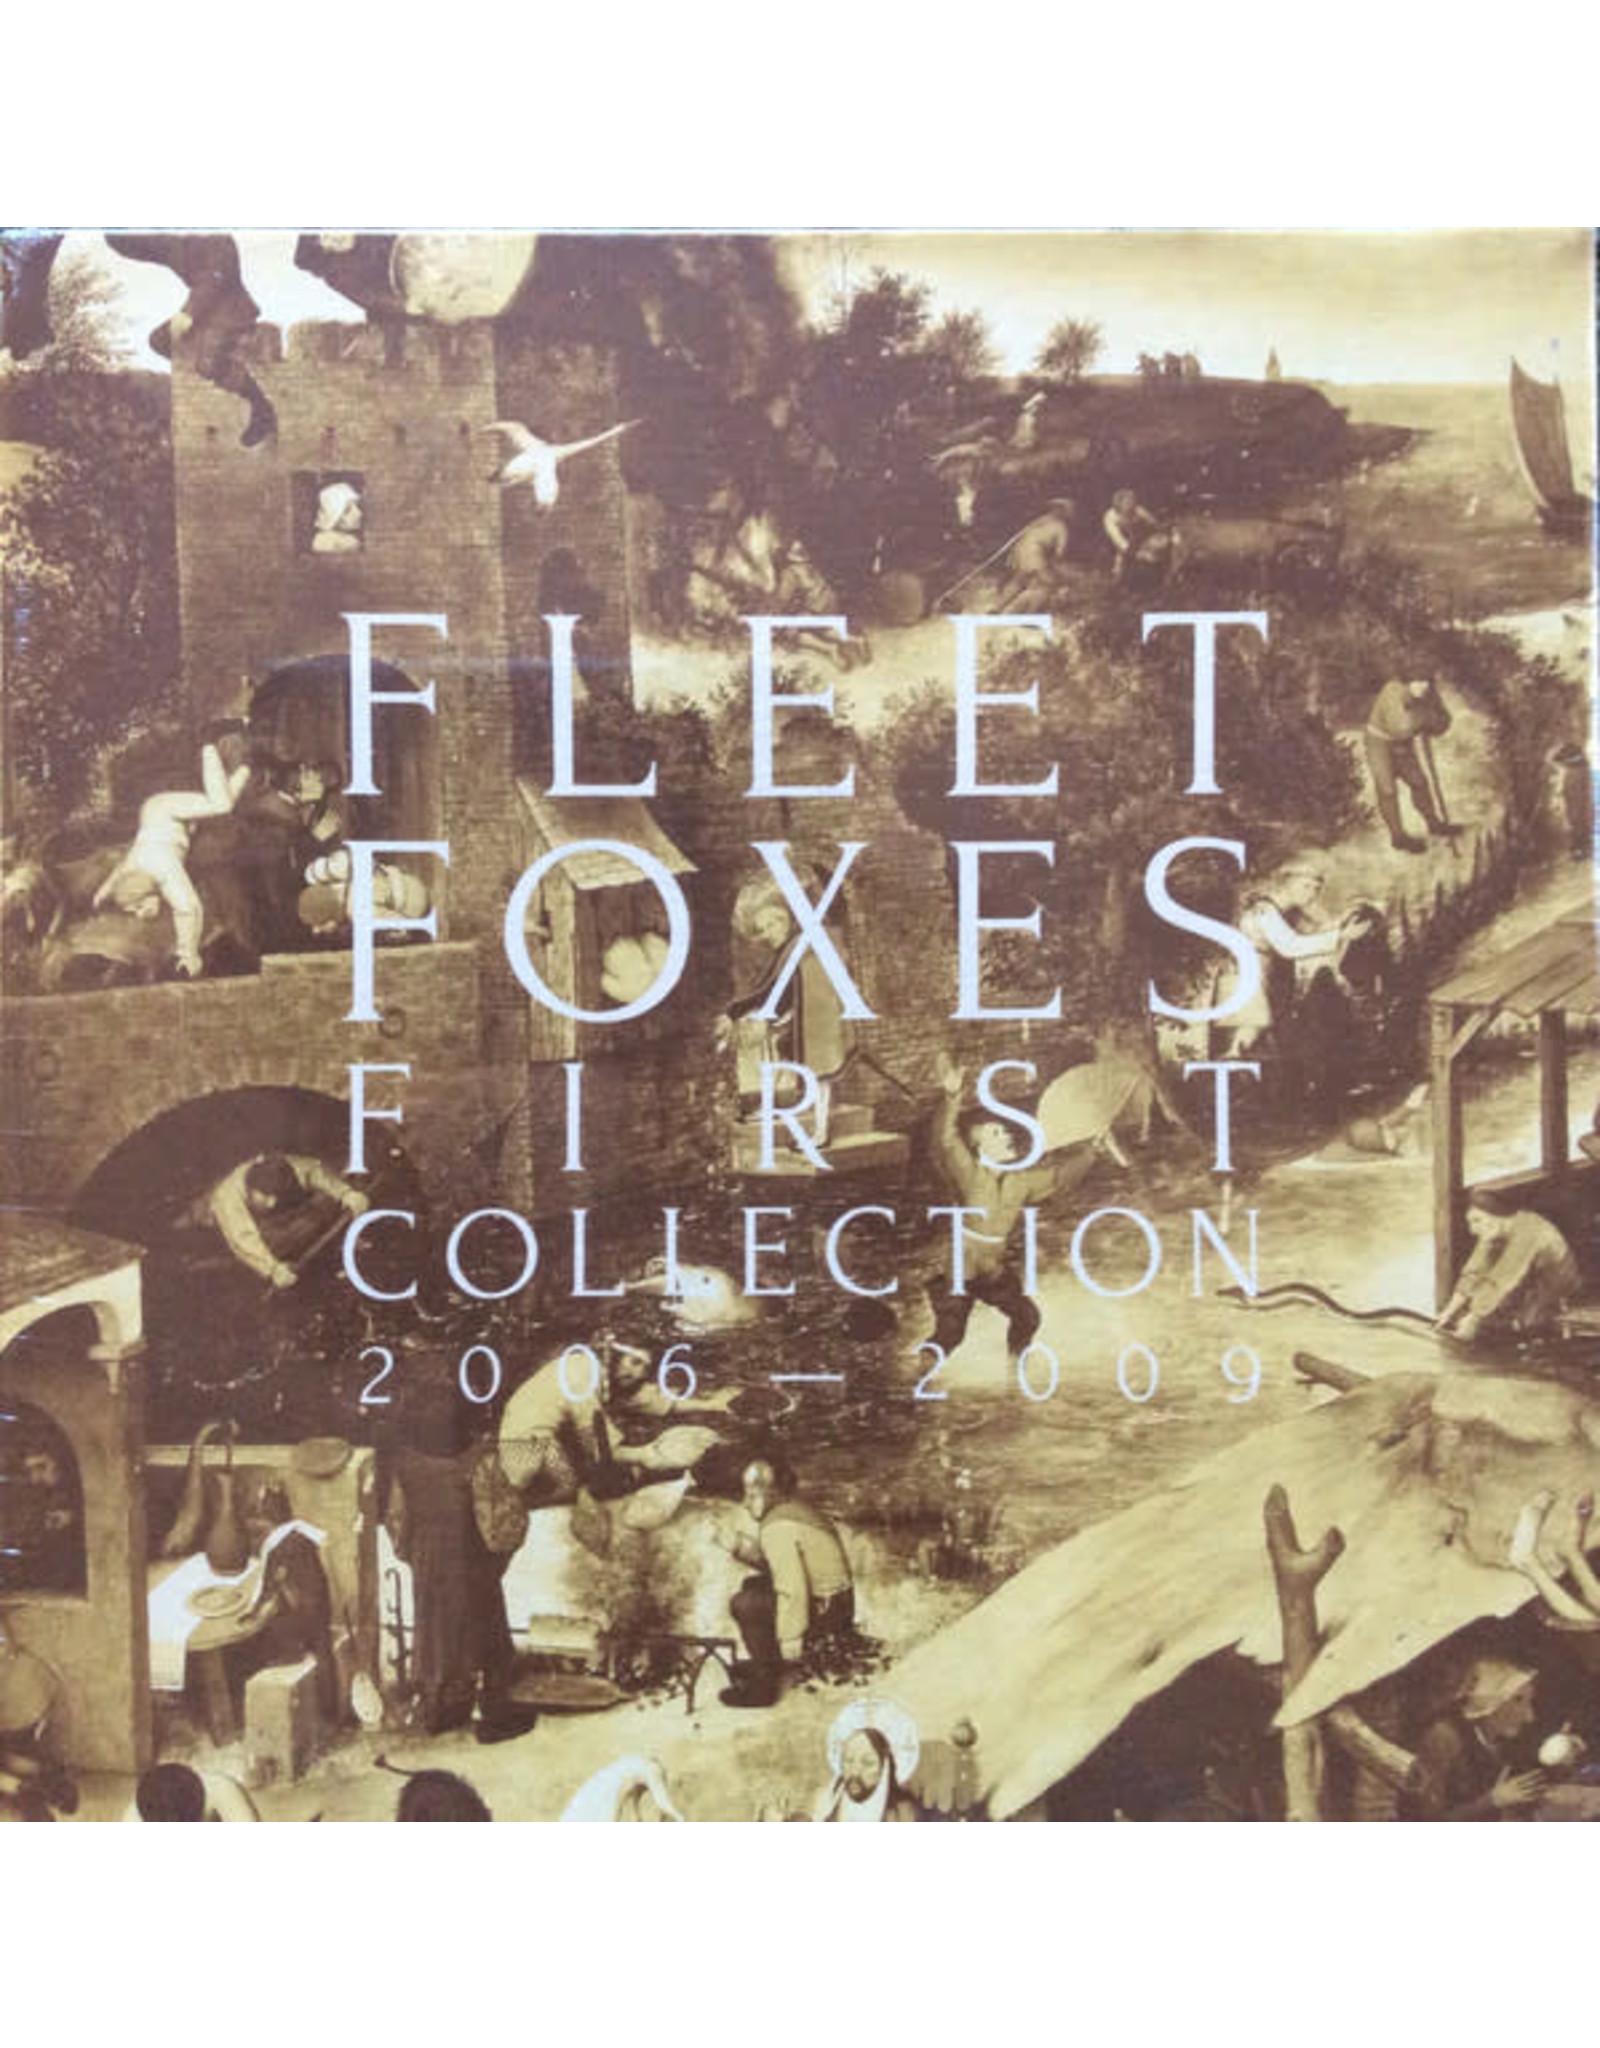 Fleet Foxes - First Collection (2006-2009) 4LP Box Set